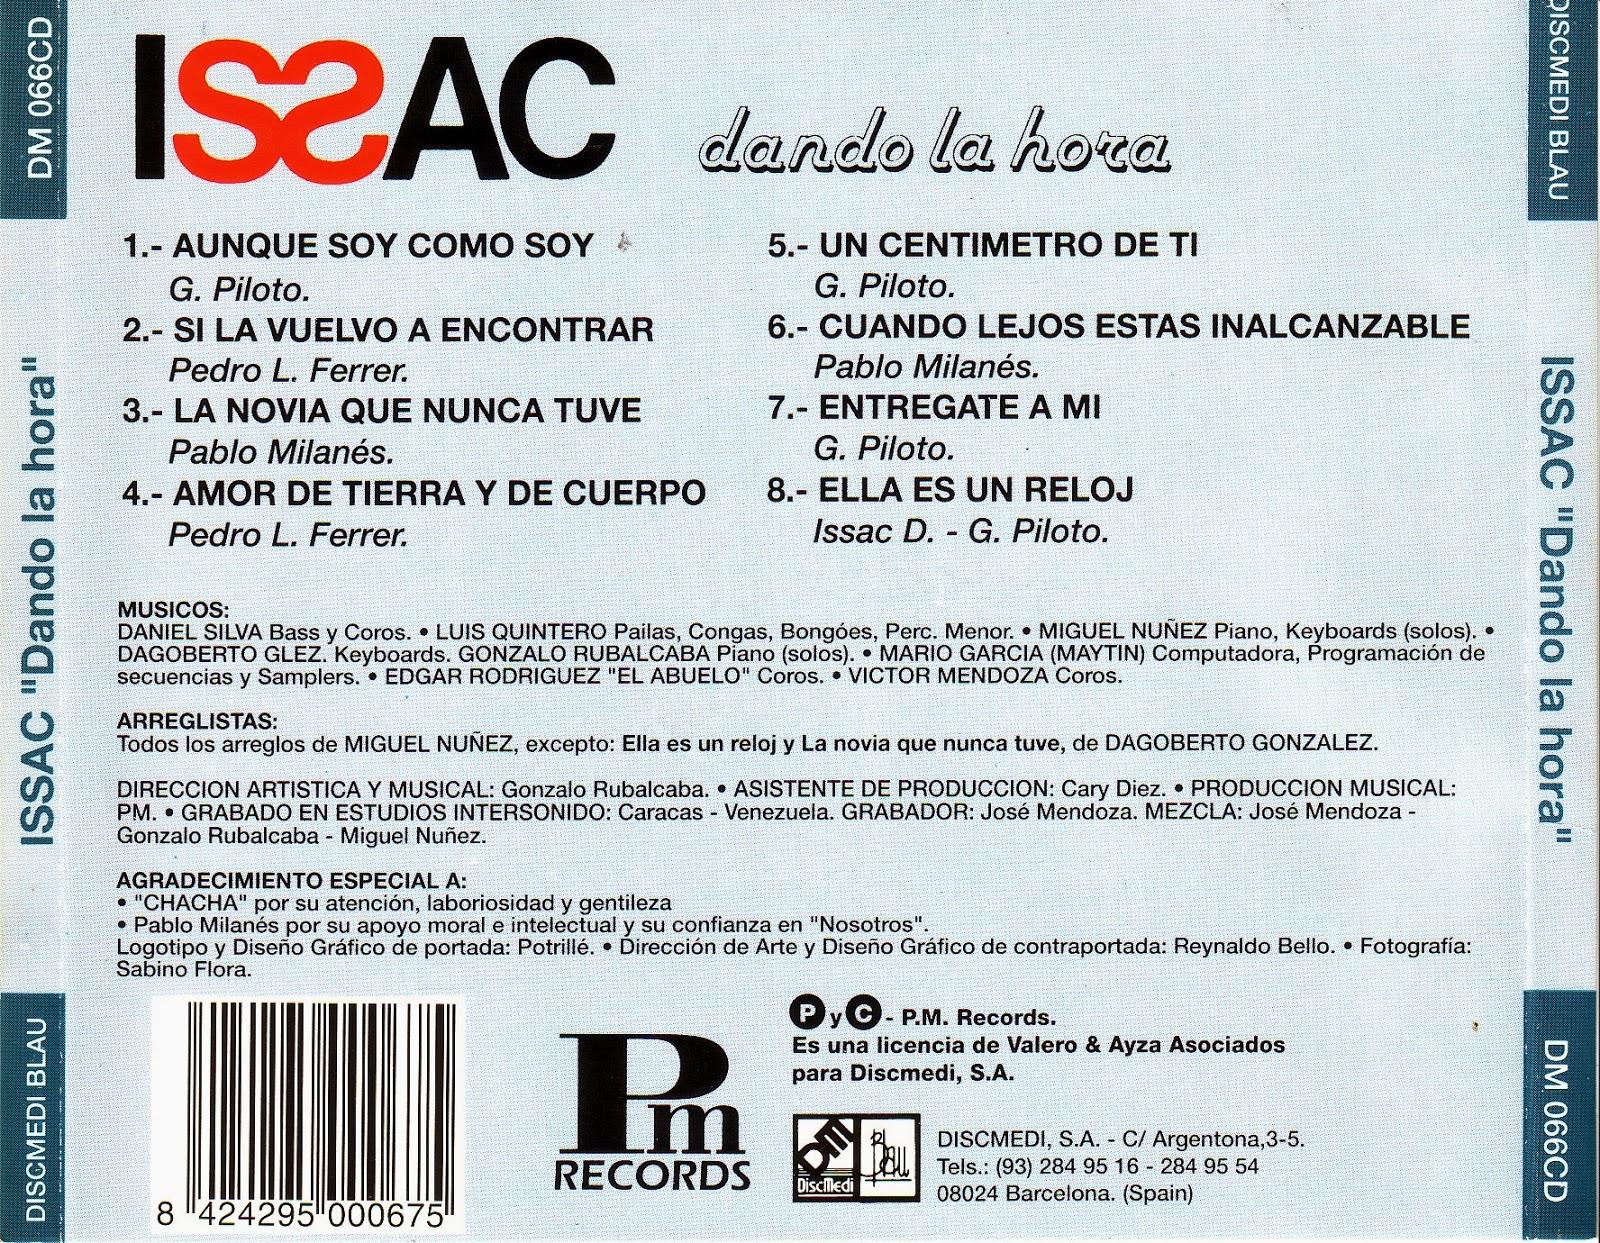 Issac Delgado - Dando La Hora